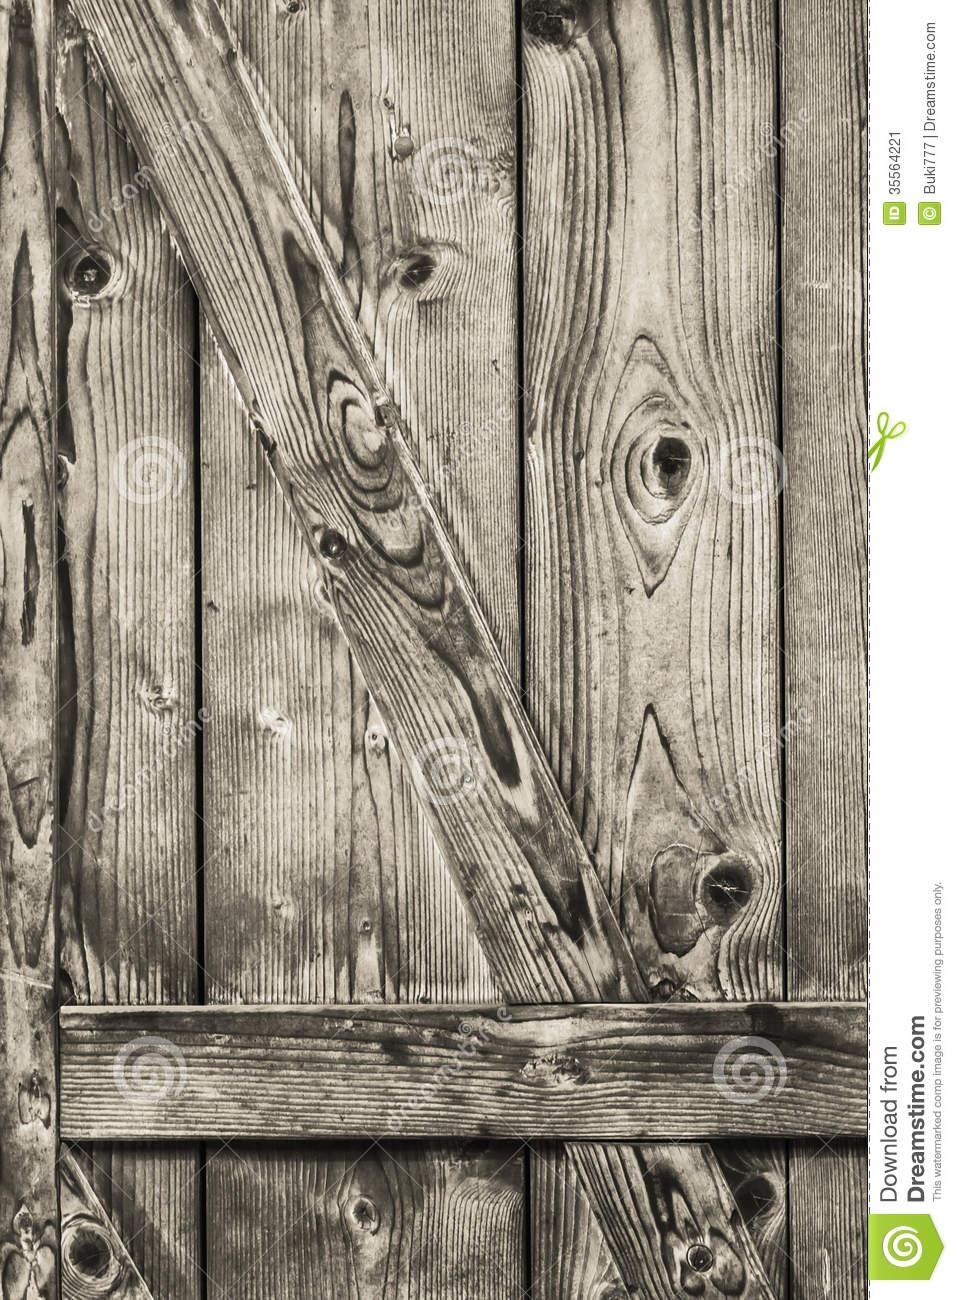 Antique Rustic Pine Wood Barn Door.